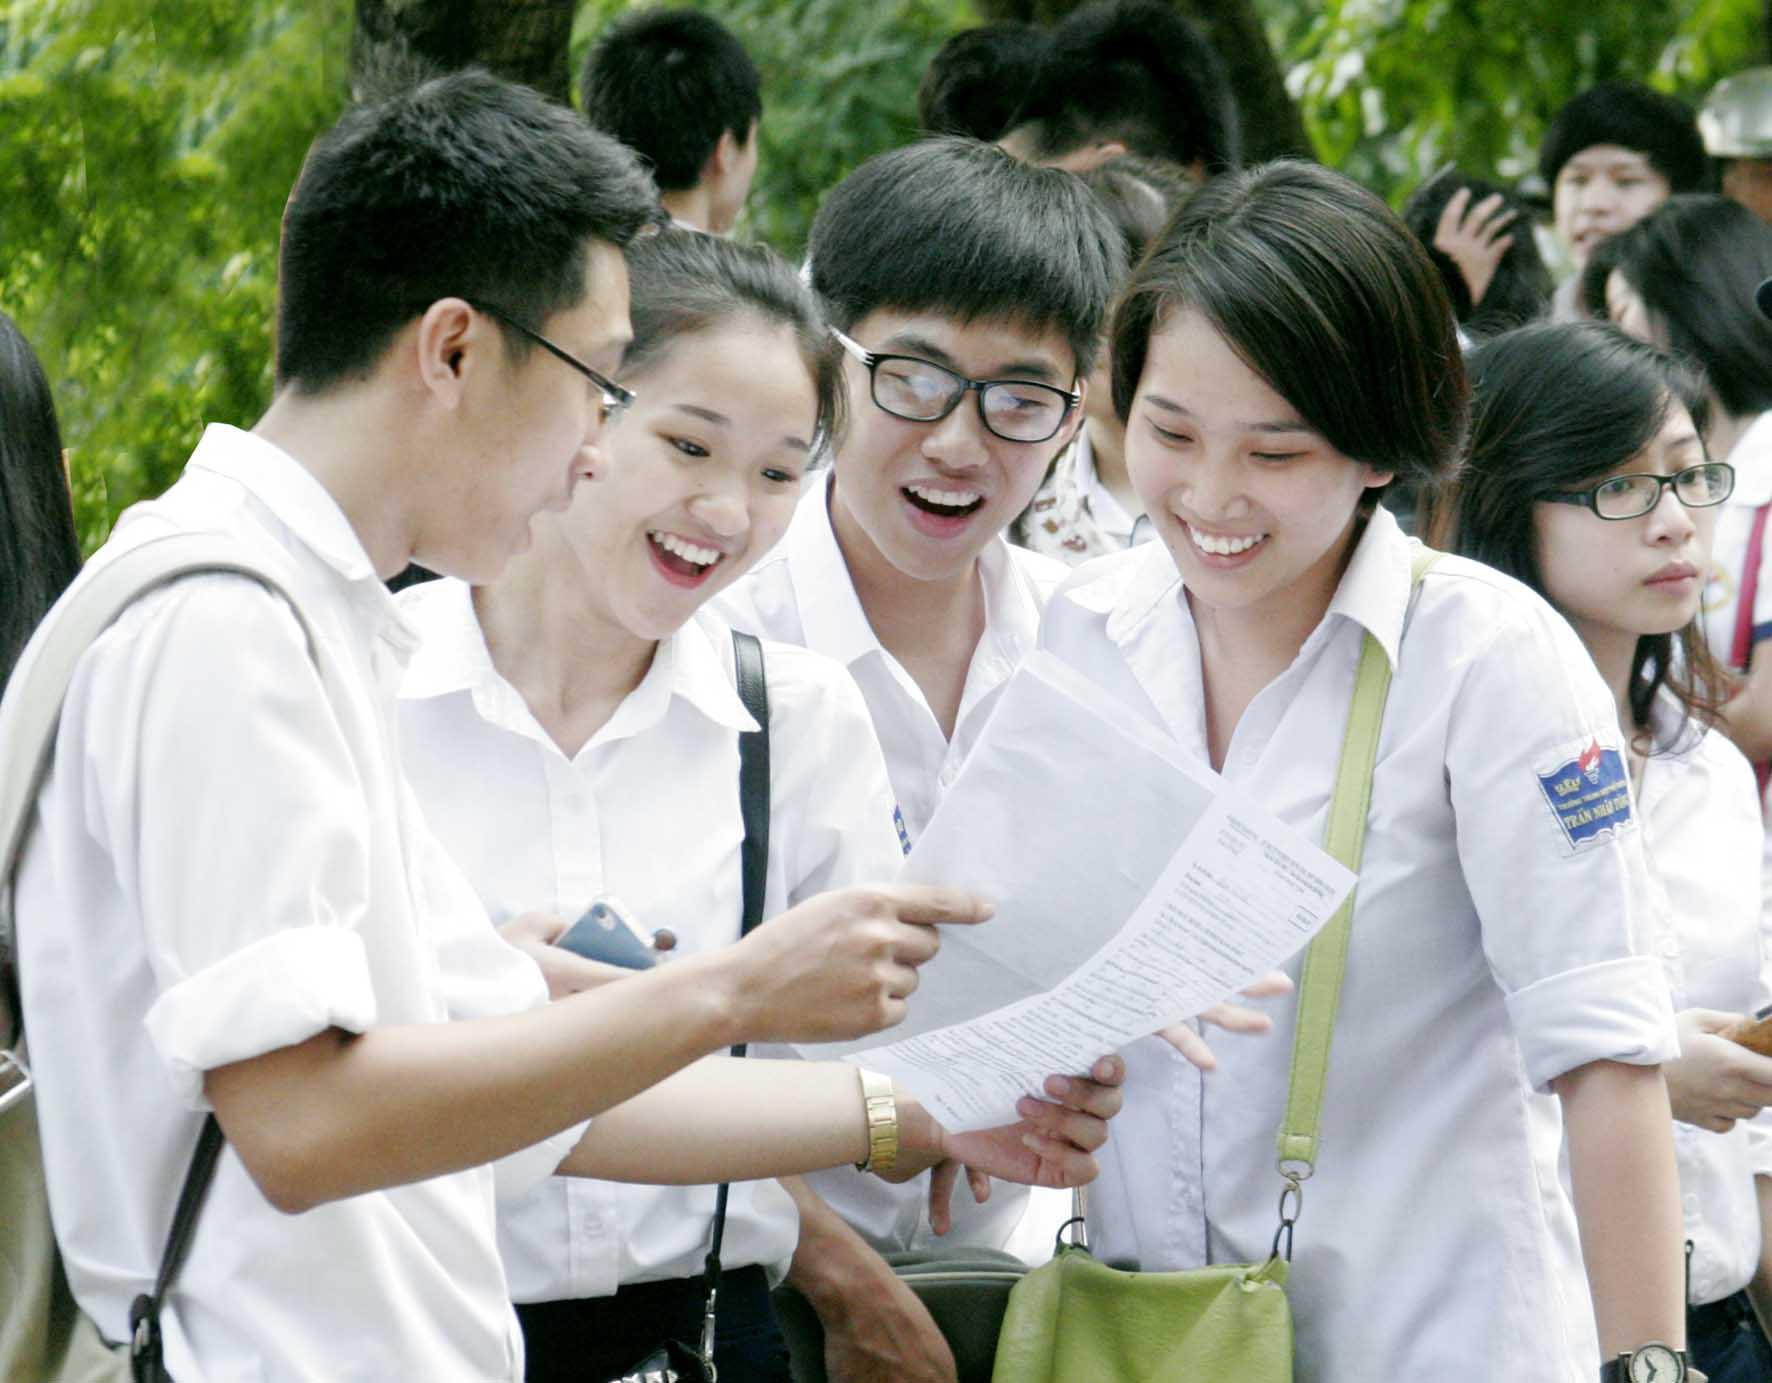 Đề thi học kì 1 môn Hóa Học lớp 11 trường THPT Nguyễn Trãi năm 2014